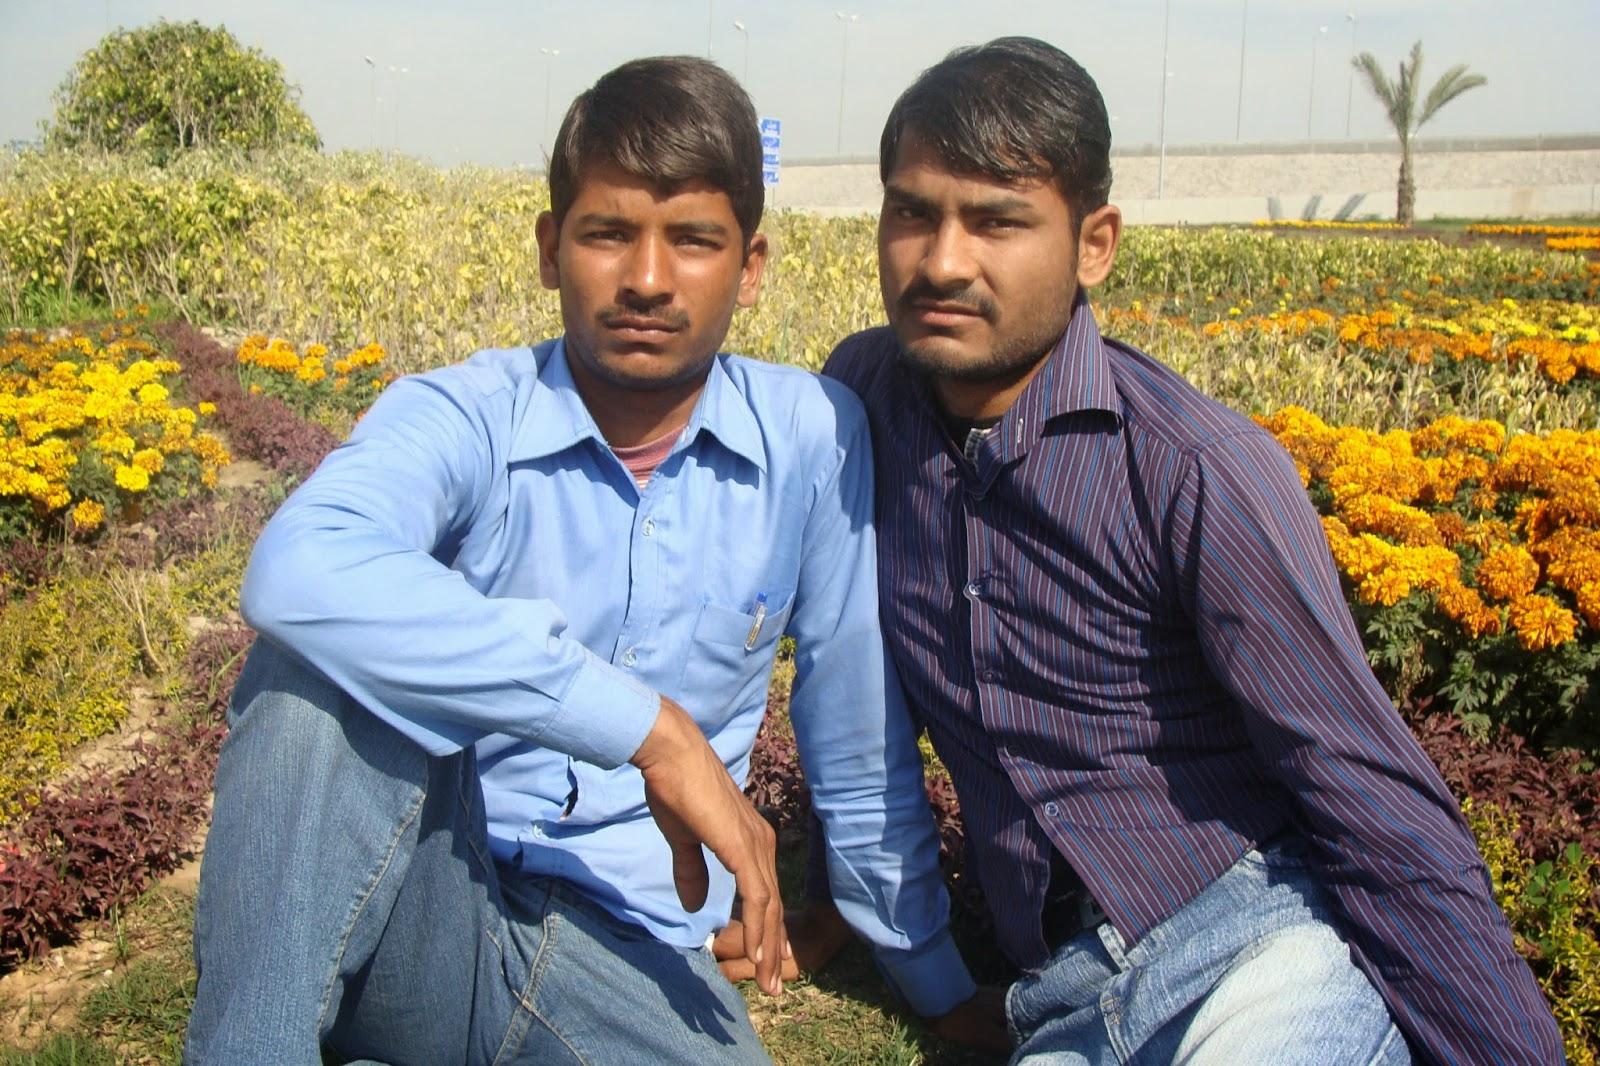 Mehboob Ashraf and Habib Ashraf